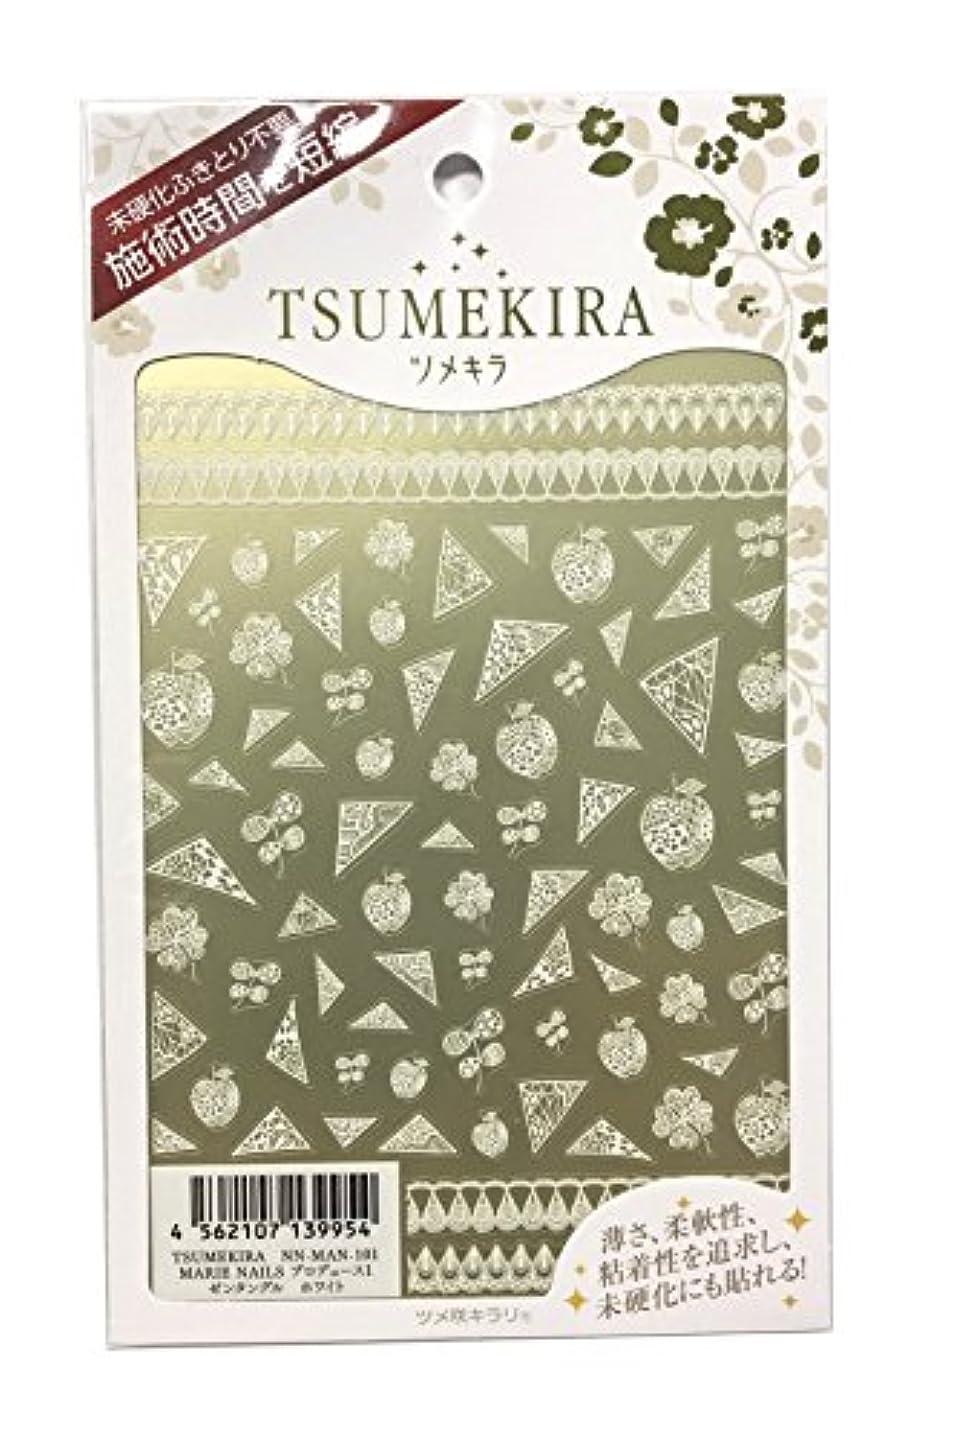 隔離蛇行アレイツメキラ(TSUMEKIRA) ネイル用シール ゼンタングル ホワイト NN-MAN-101